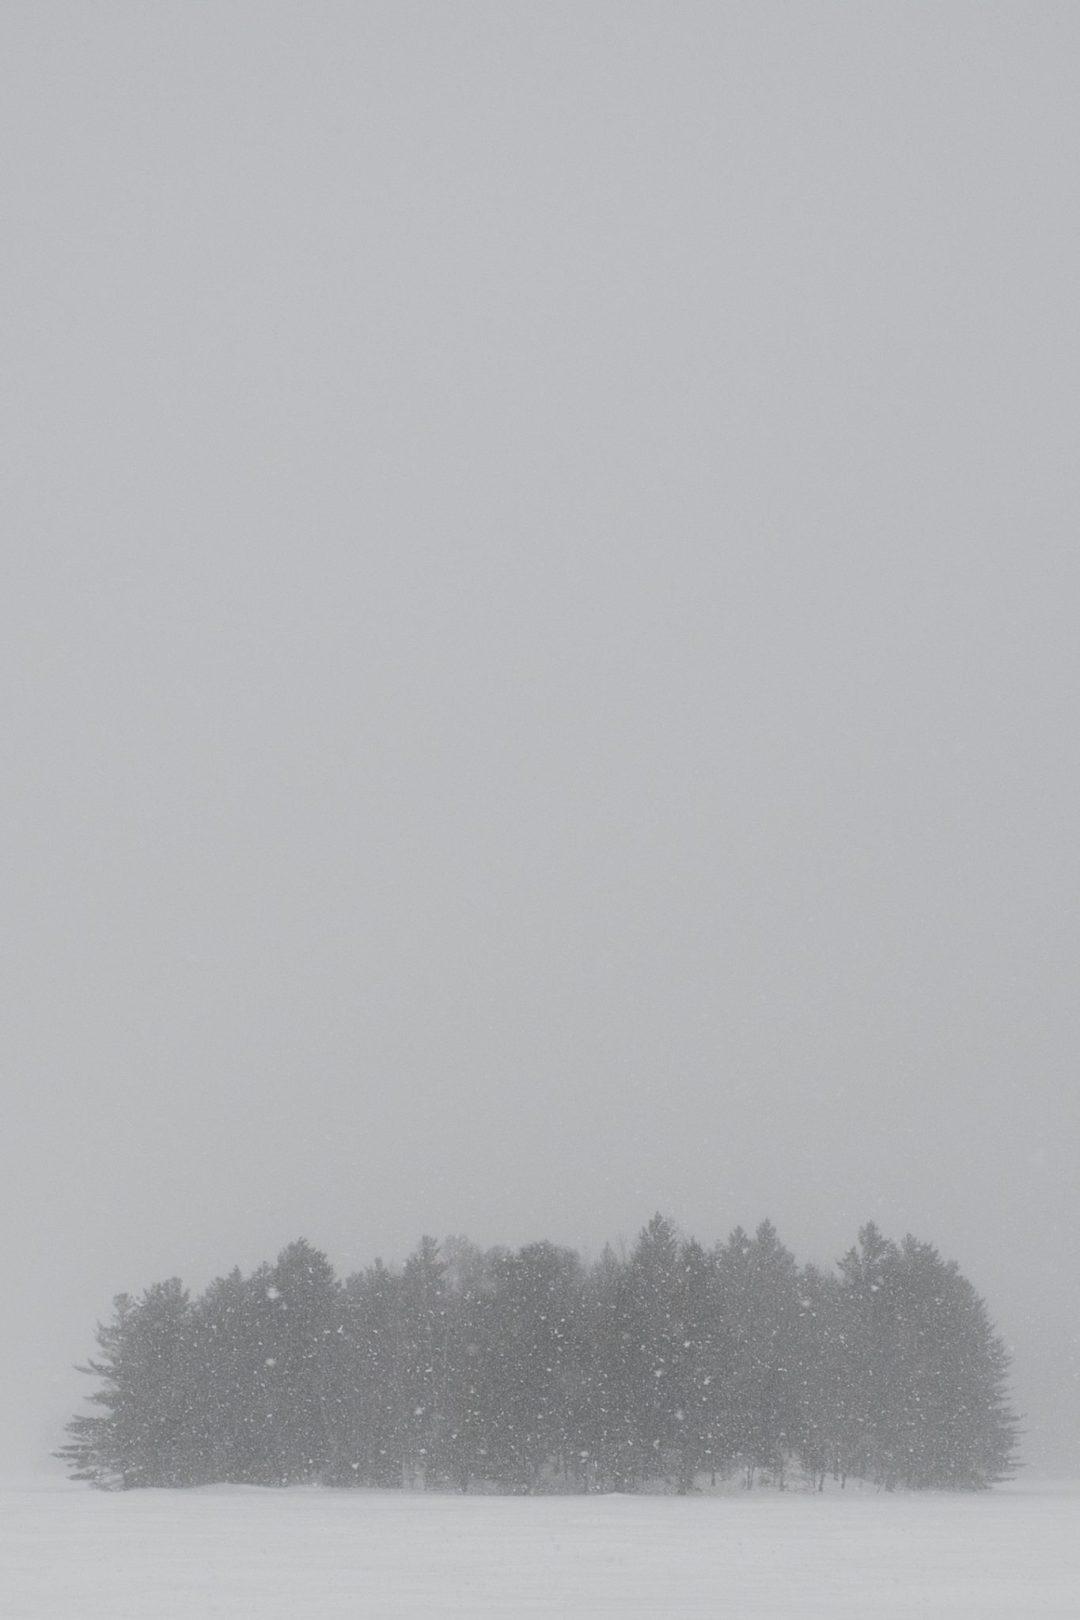 brouillard arbre lac